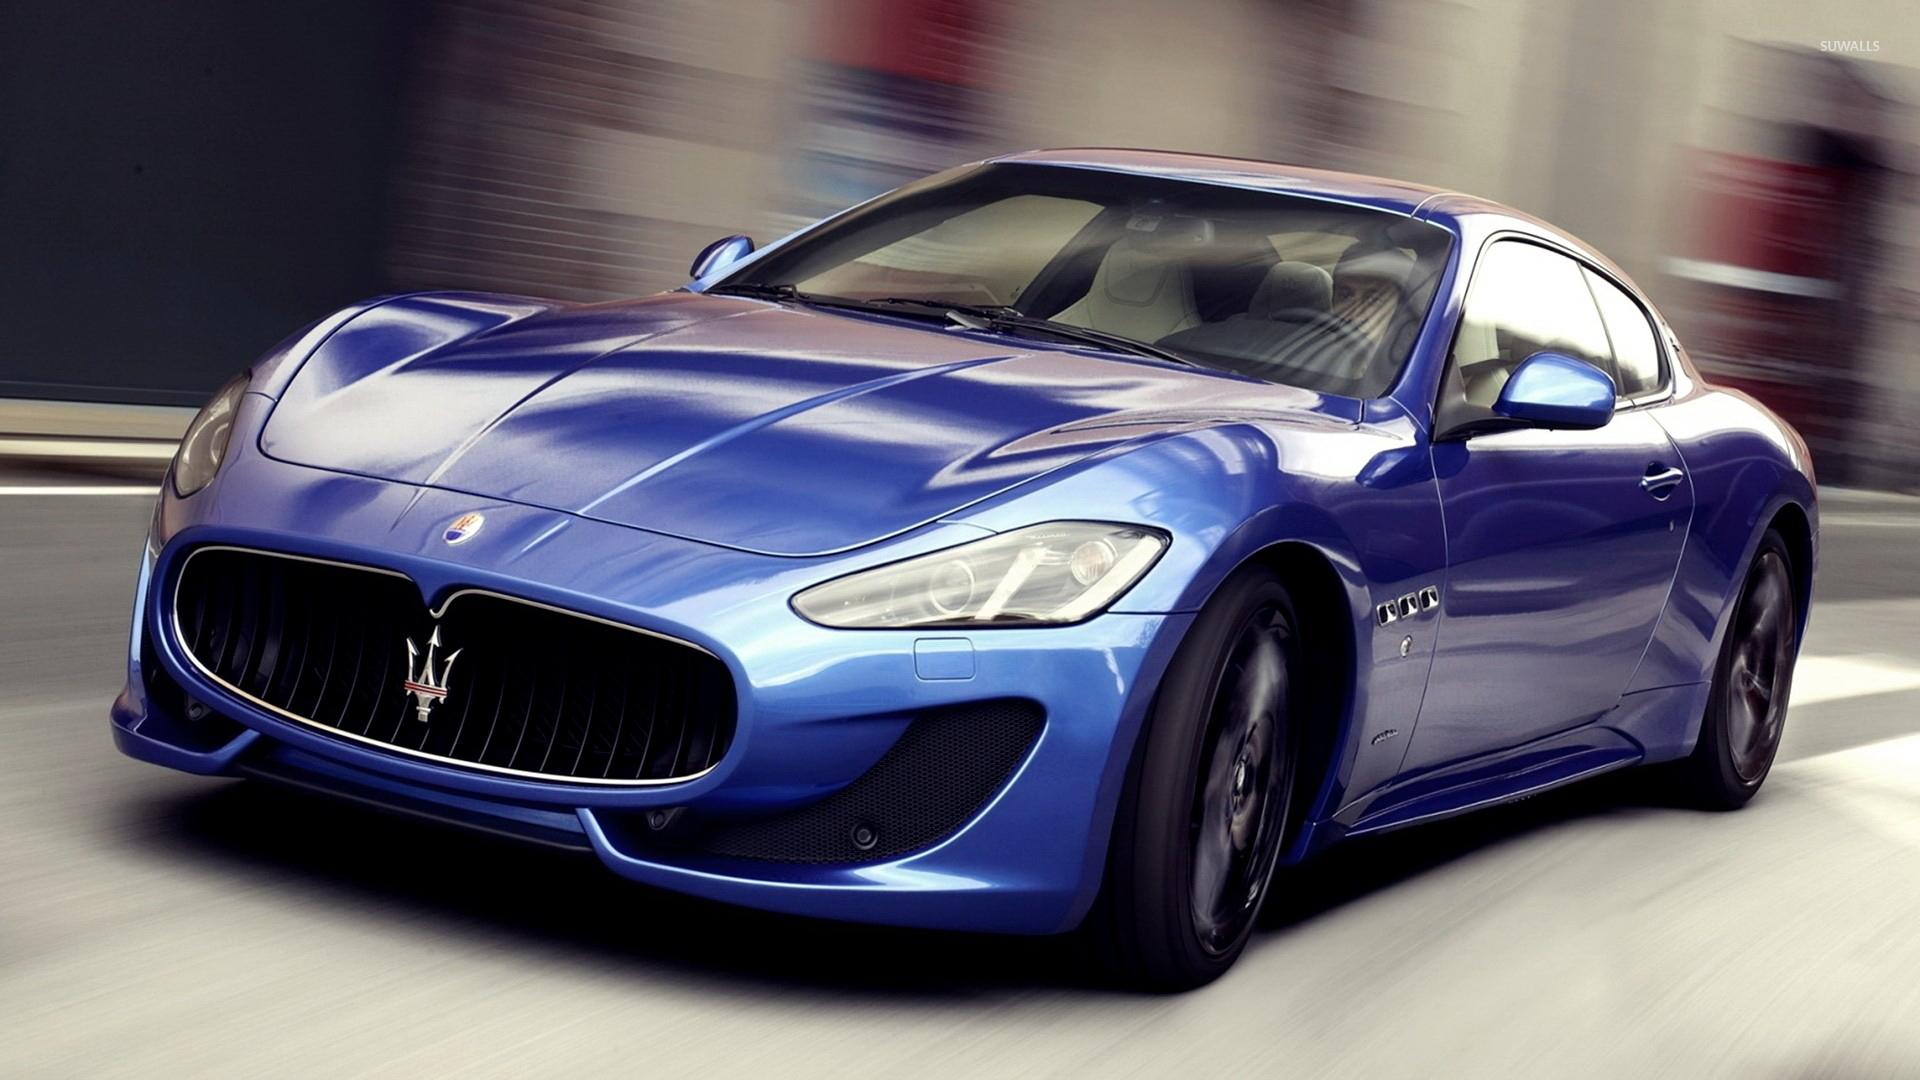 Maserati Granturismo 3 Wallpaper Car Wallpapers 38753